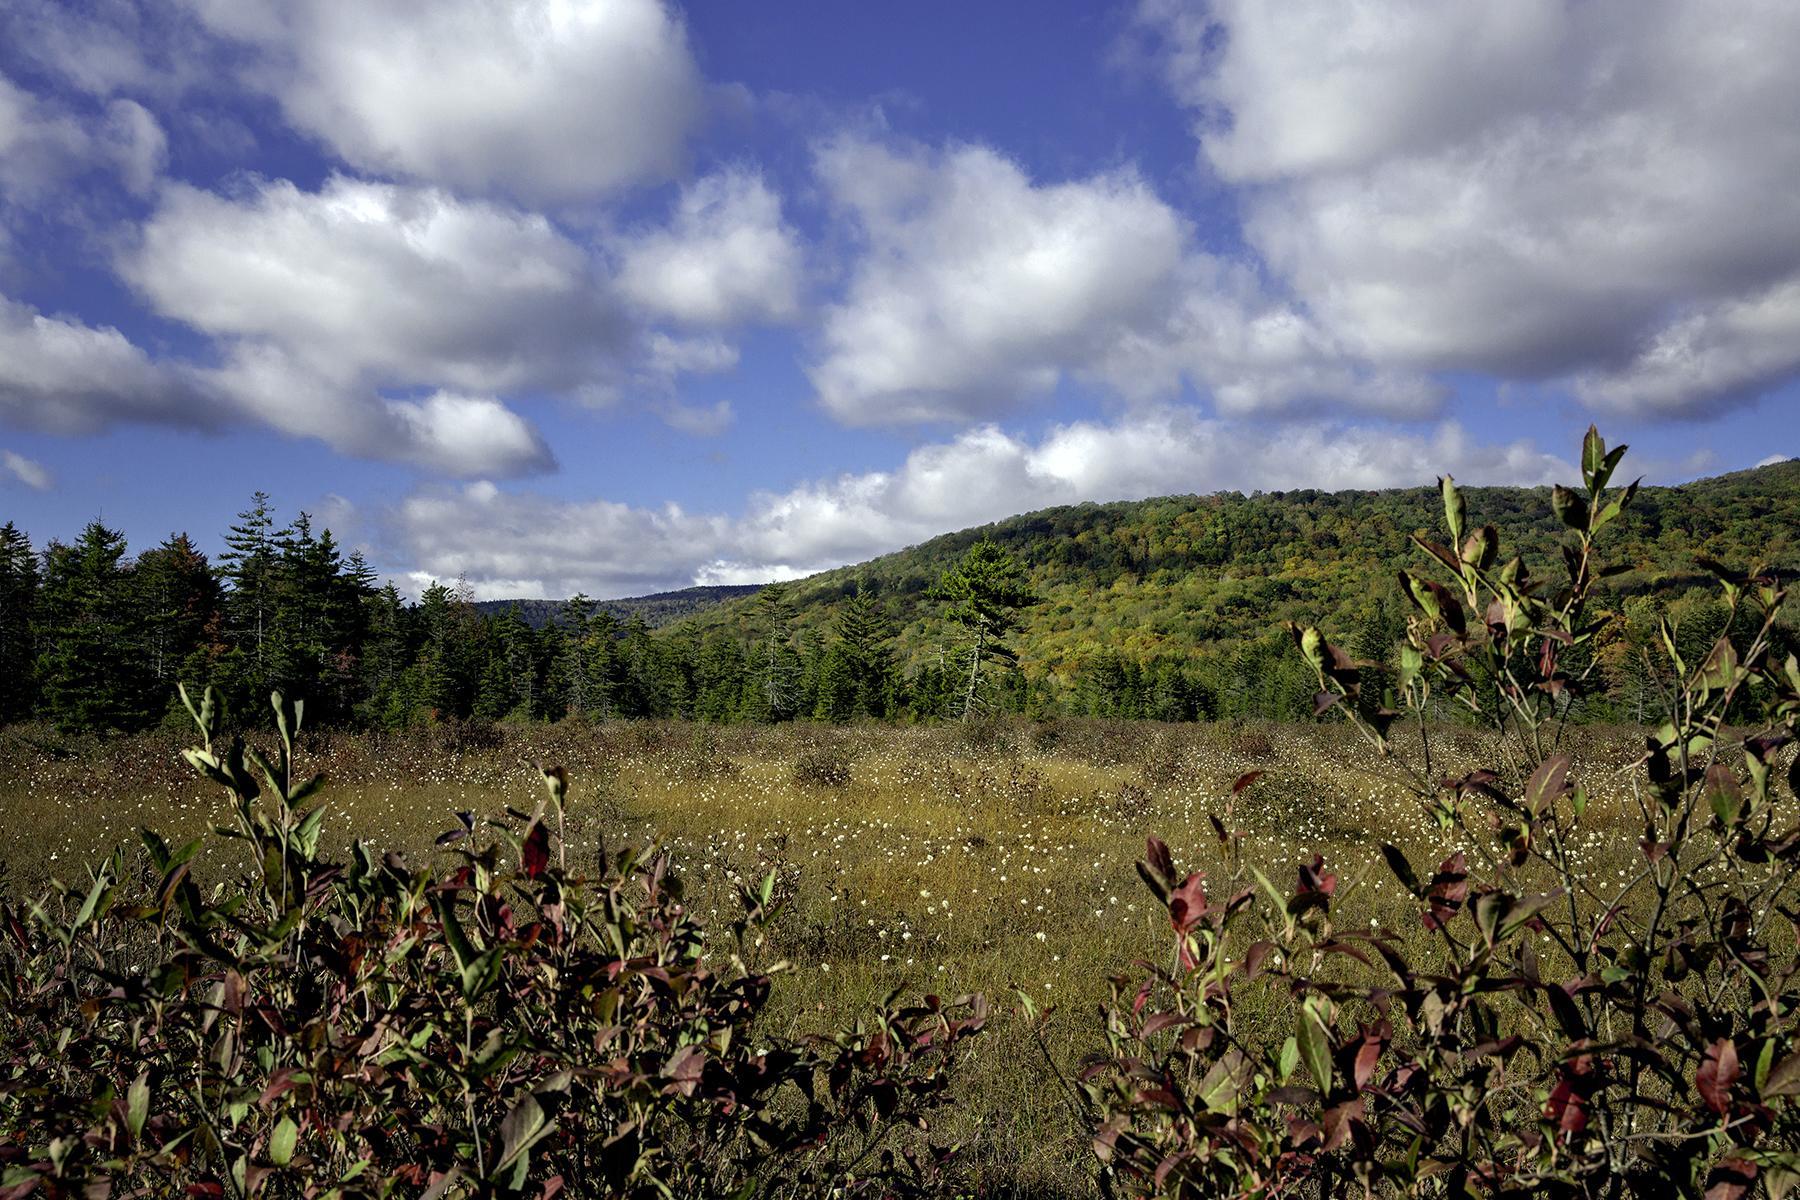 10_WestVirginia__CranberryGlades_10.) CranberryGlades2